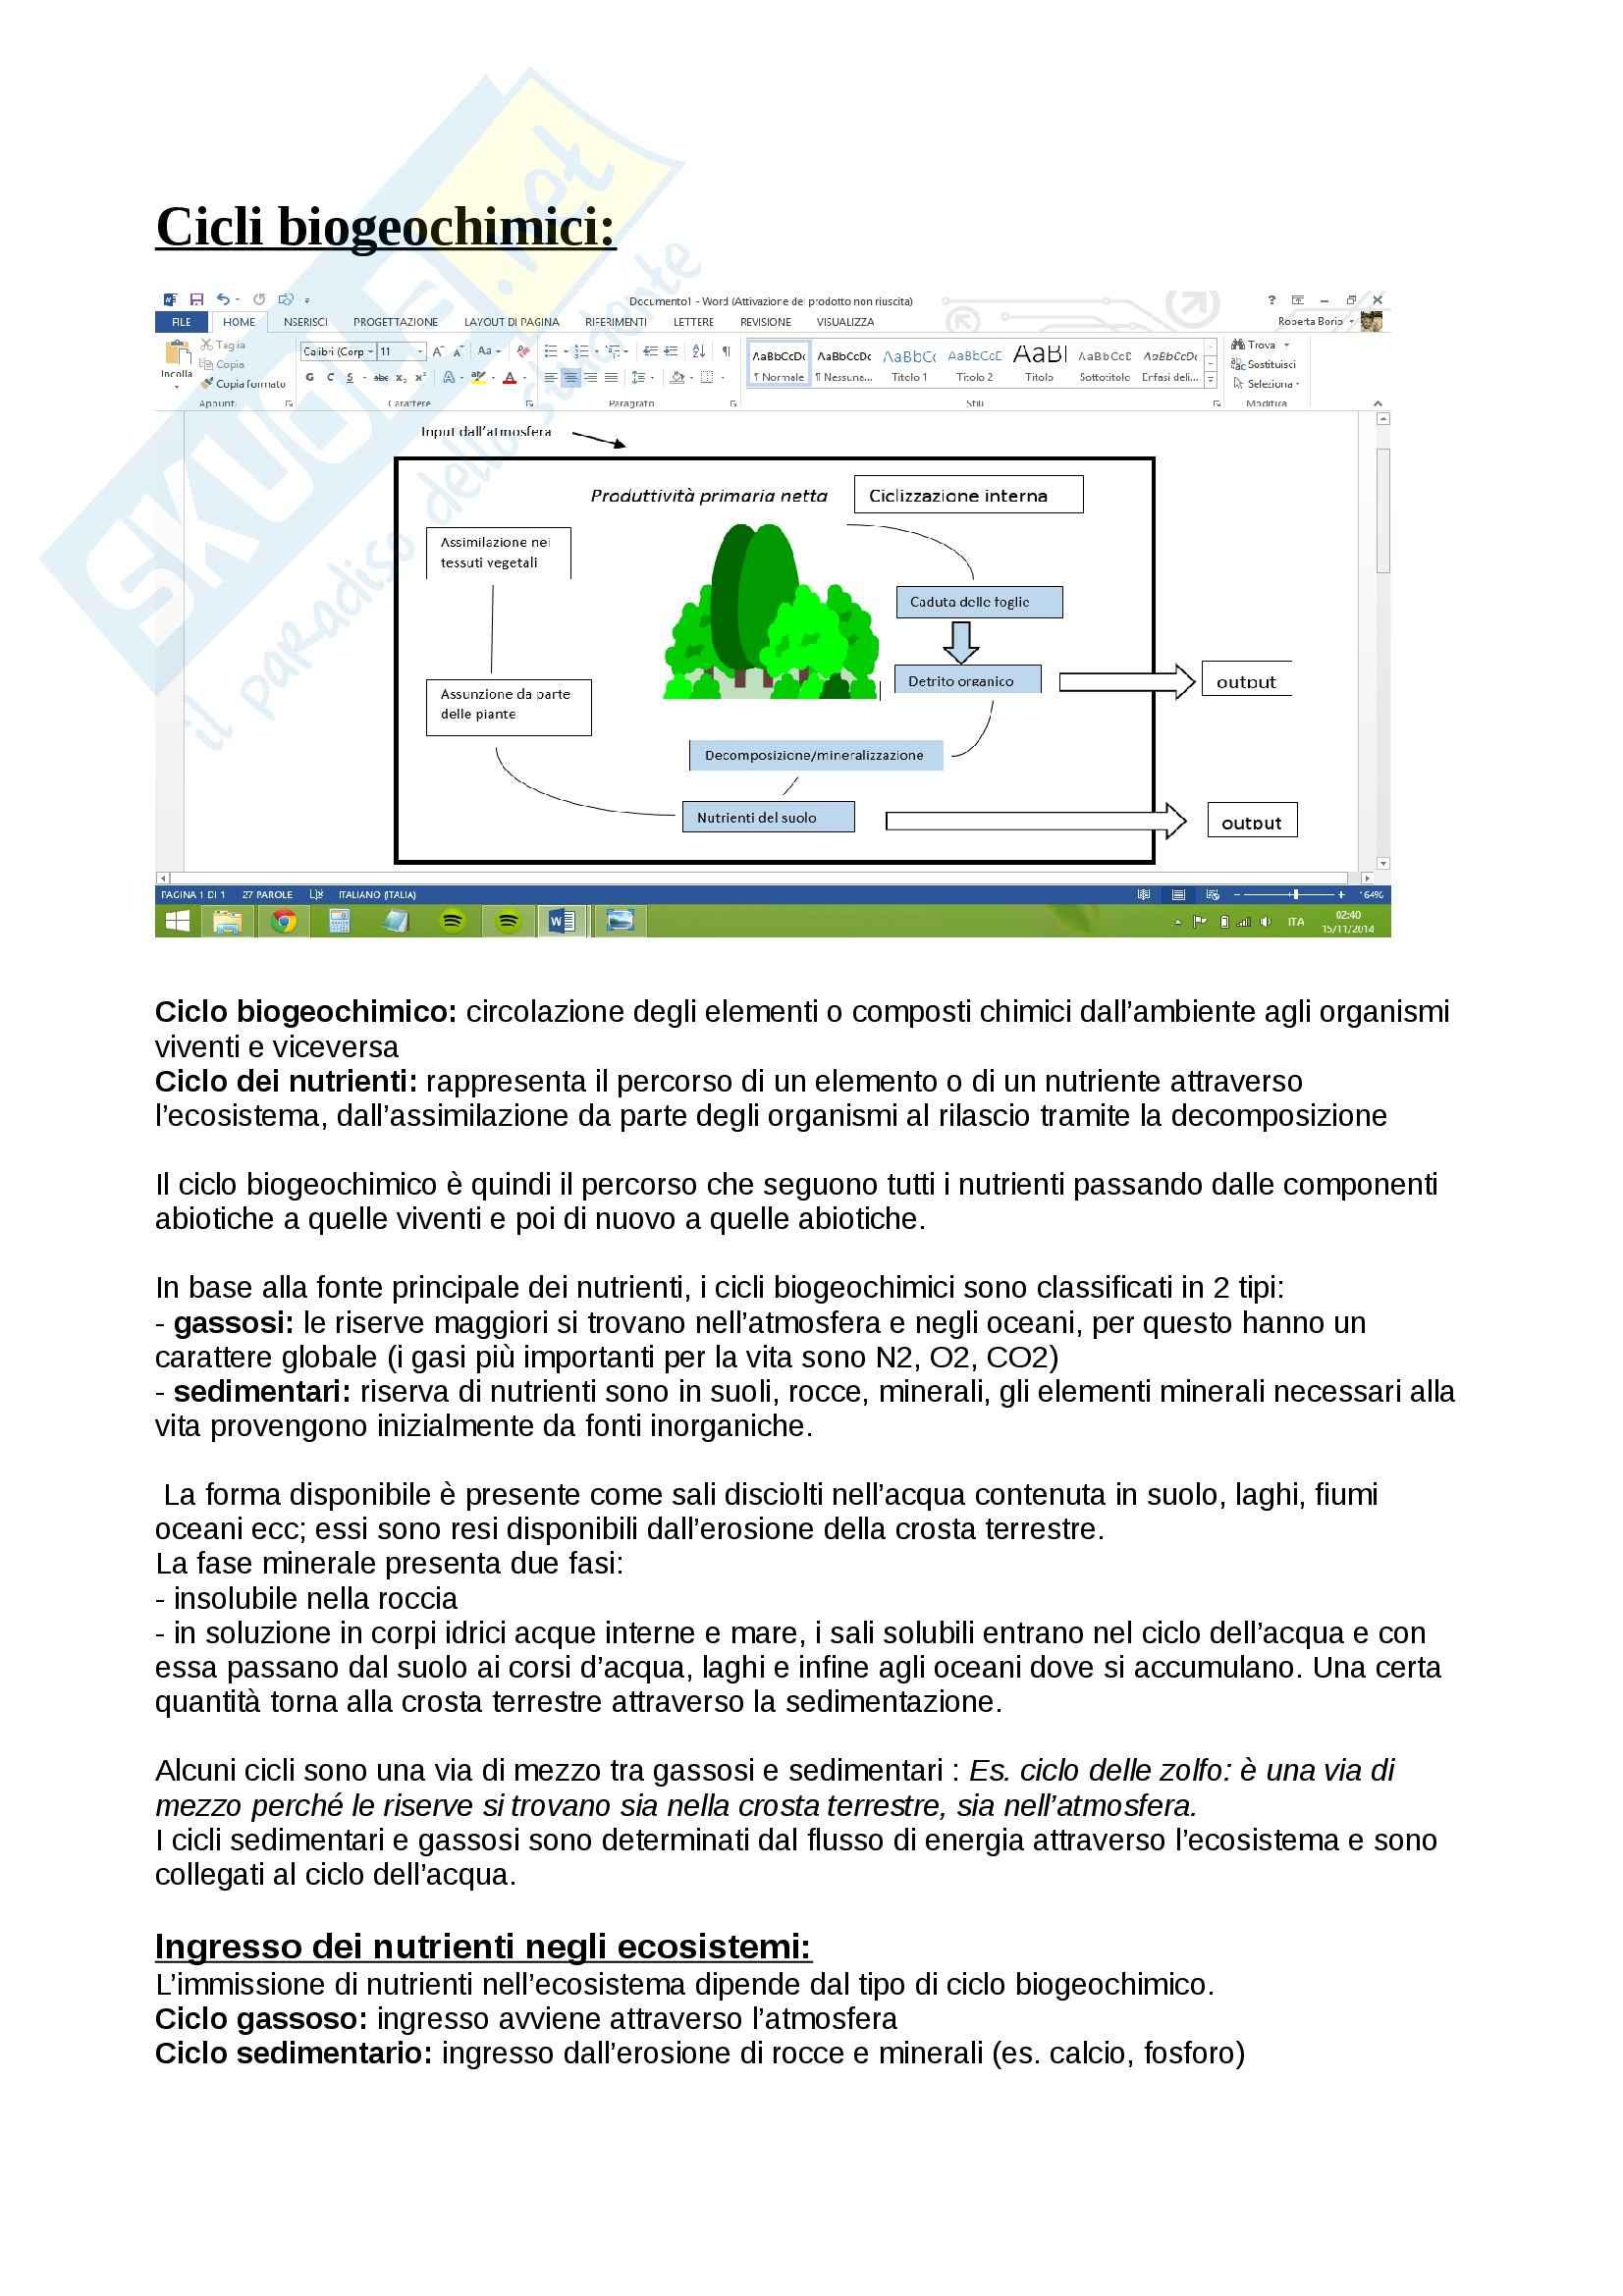 Ecologia 2 (cicli biogeochimici: fosforo, azoto, zolfo,acqua, ossigeno; proprietà delle popolazioni; competizione, tabelle di vita)